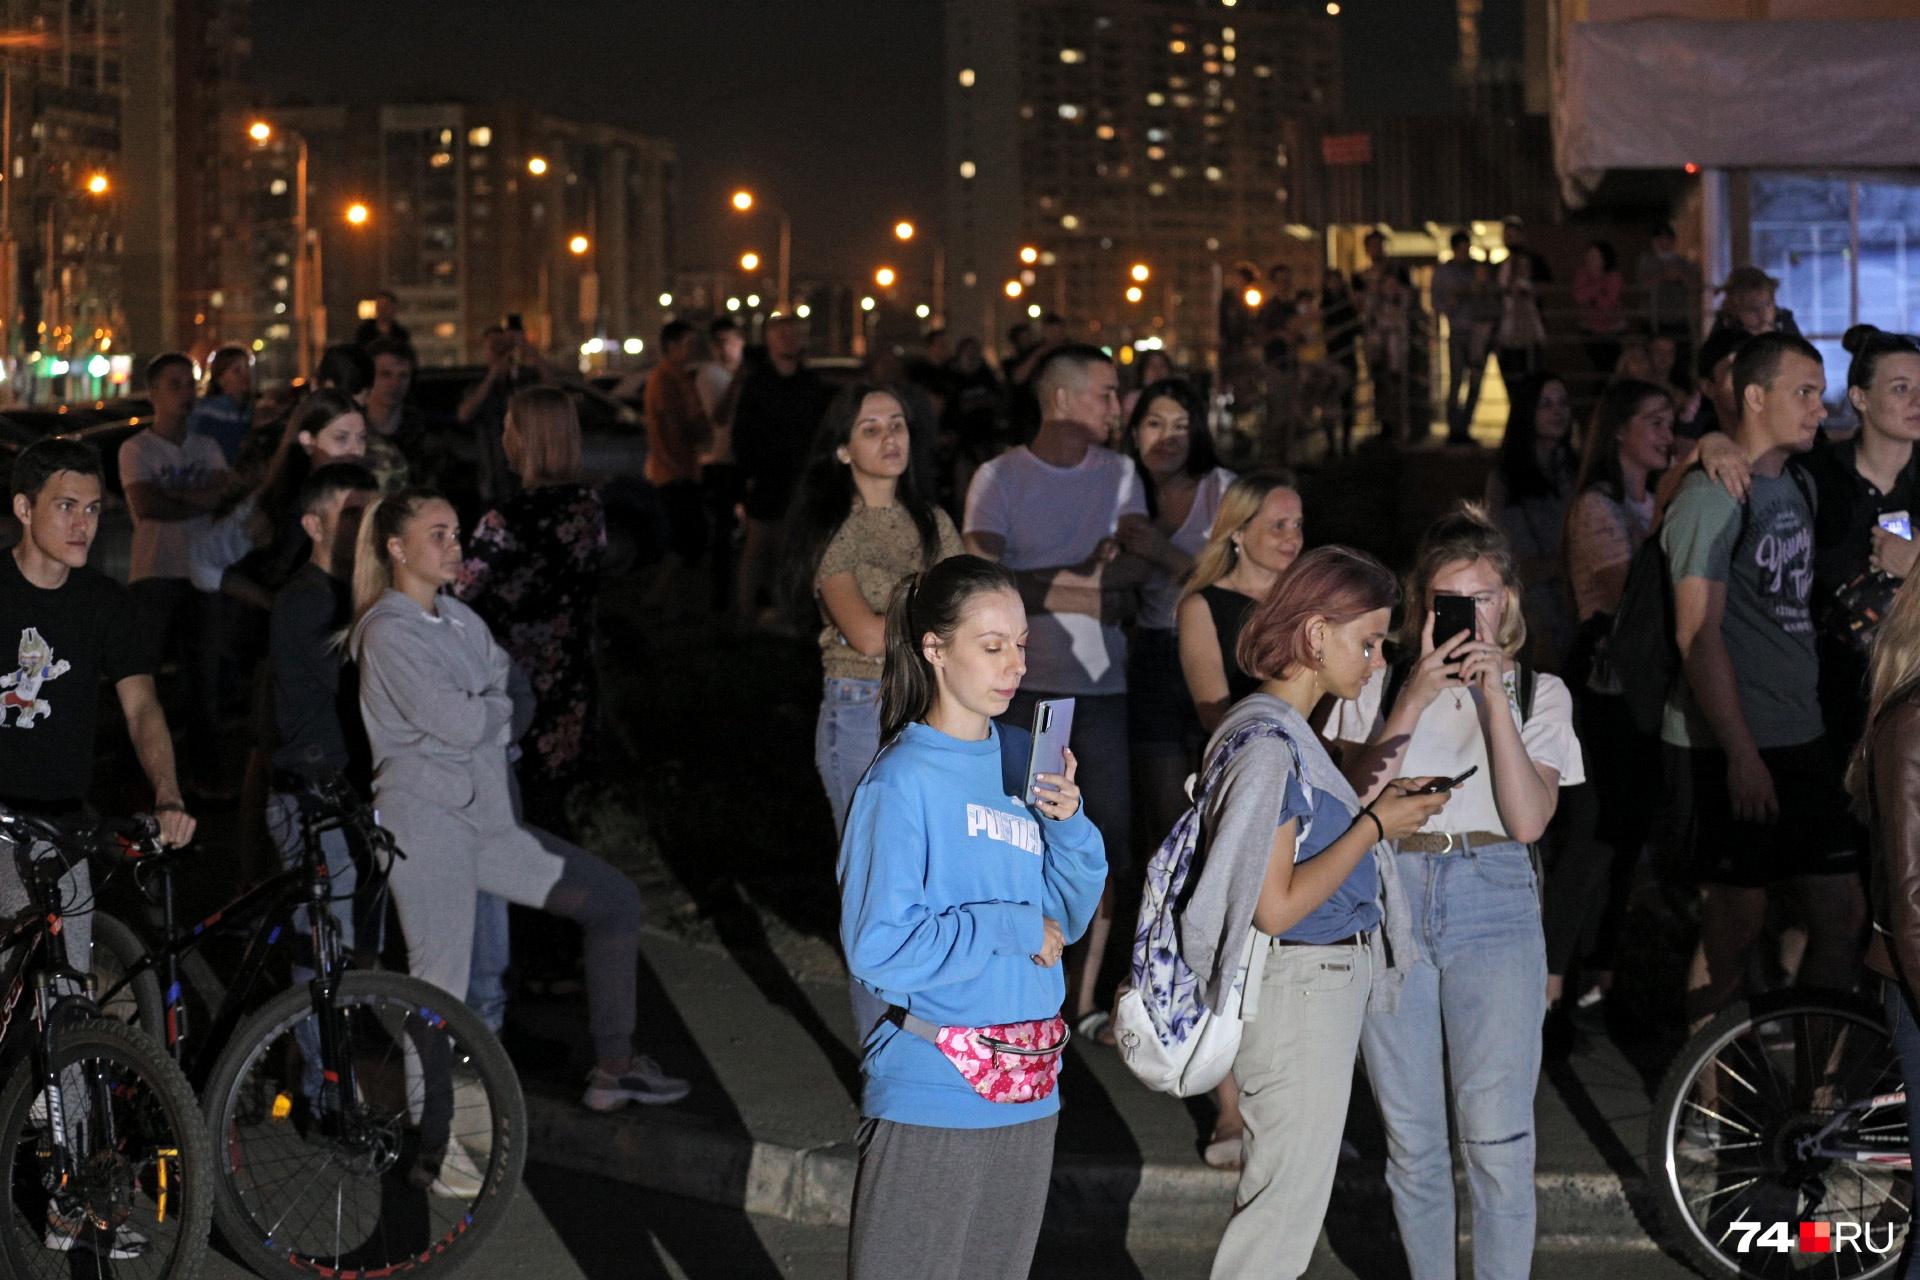 Официально в Челябинске массовые мероприятия пока запрещены, но, кажется, в этой толпе все об этом уже забыли